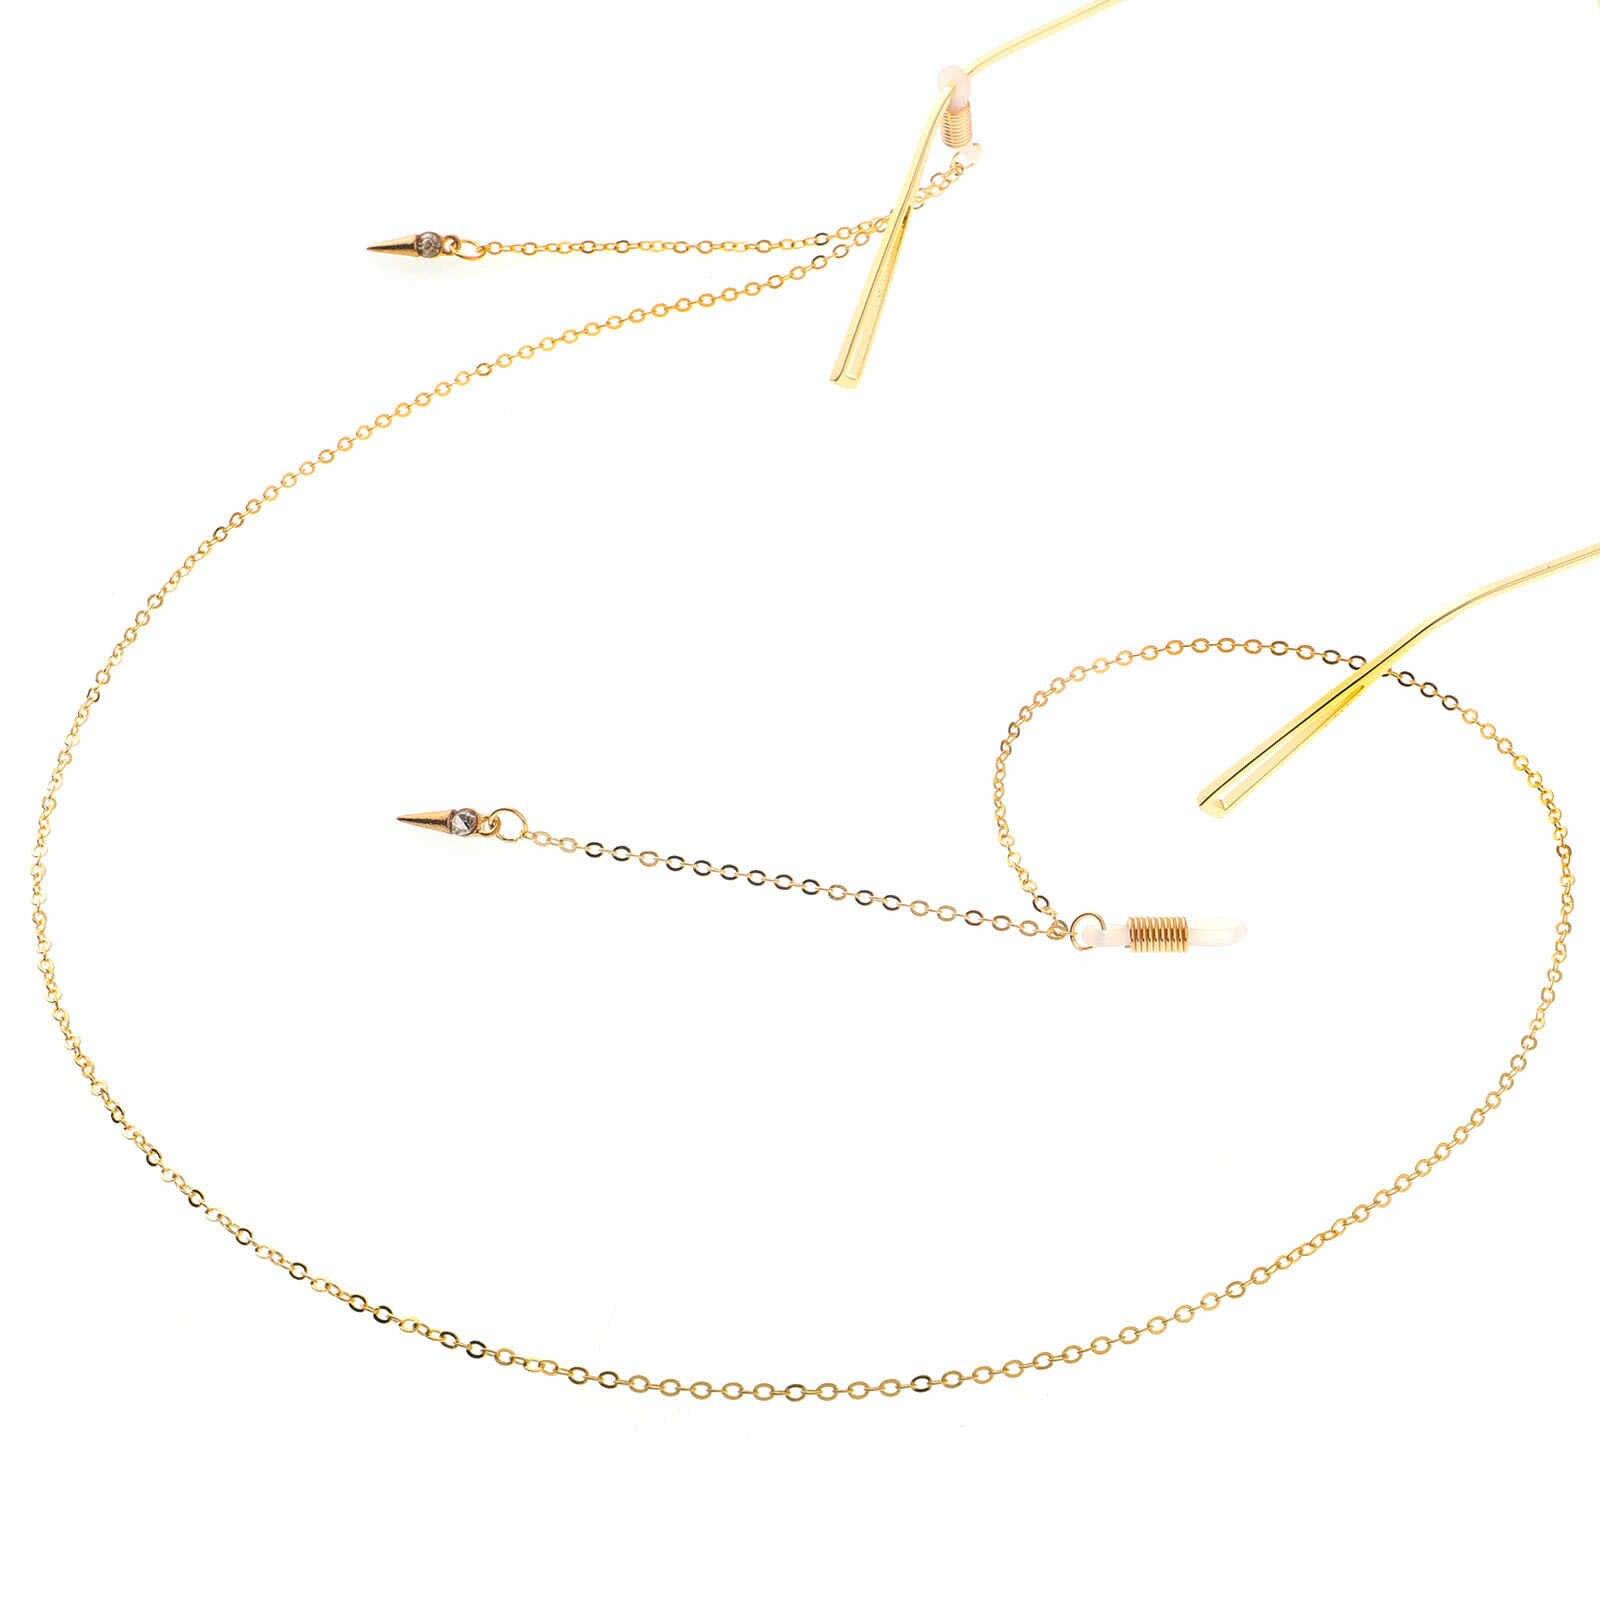 אנטי להחליק אביזרי מתכת משקפיים כבל זהב מסמרת תליון משקפיים שרשרת אופנה אביזרי יצרנים צלב גבול